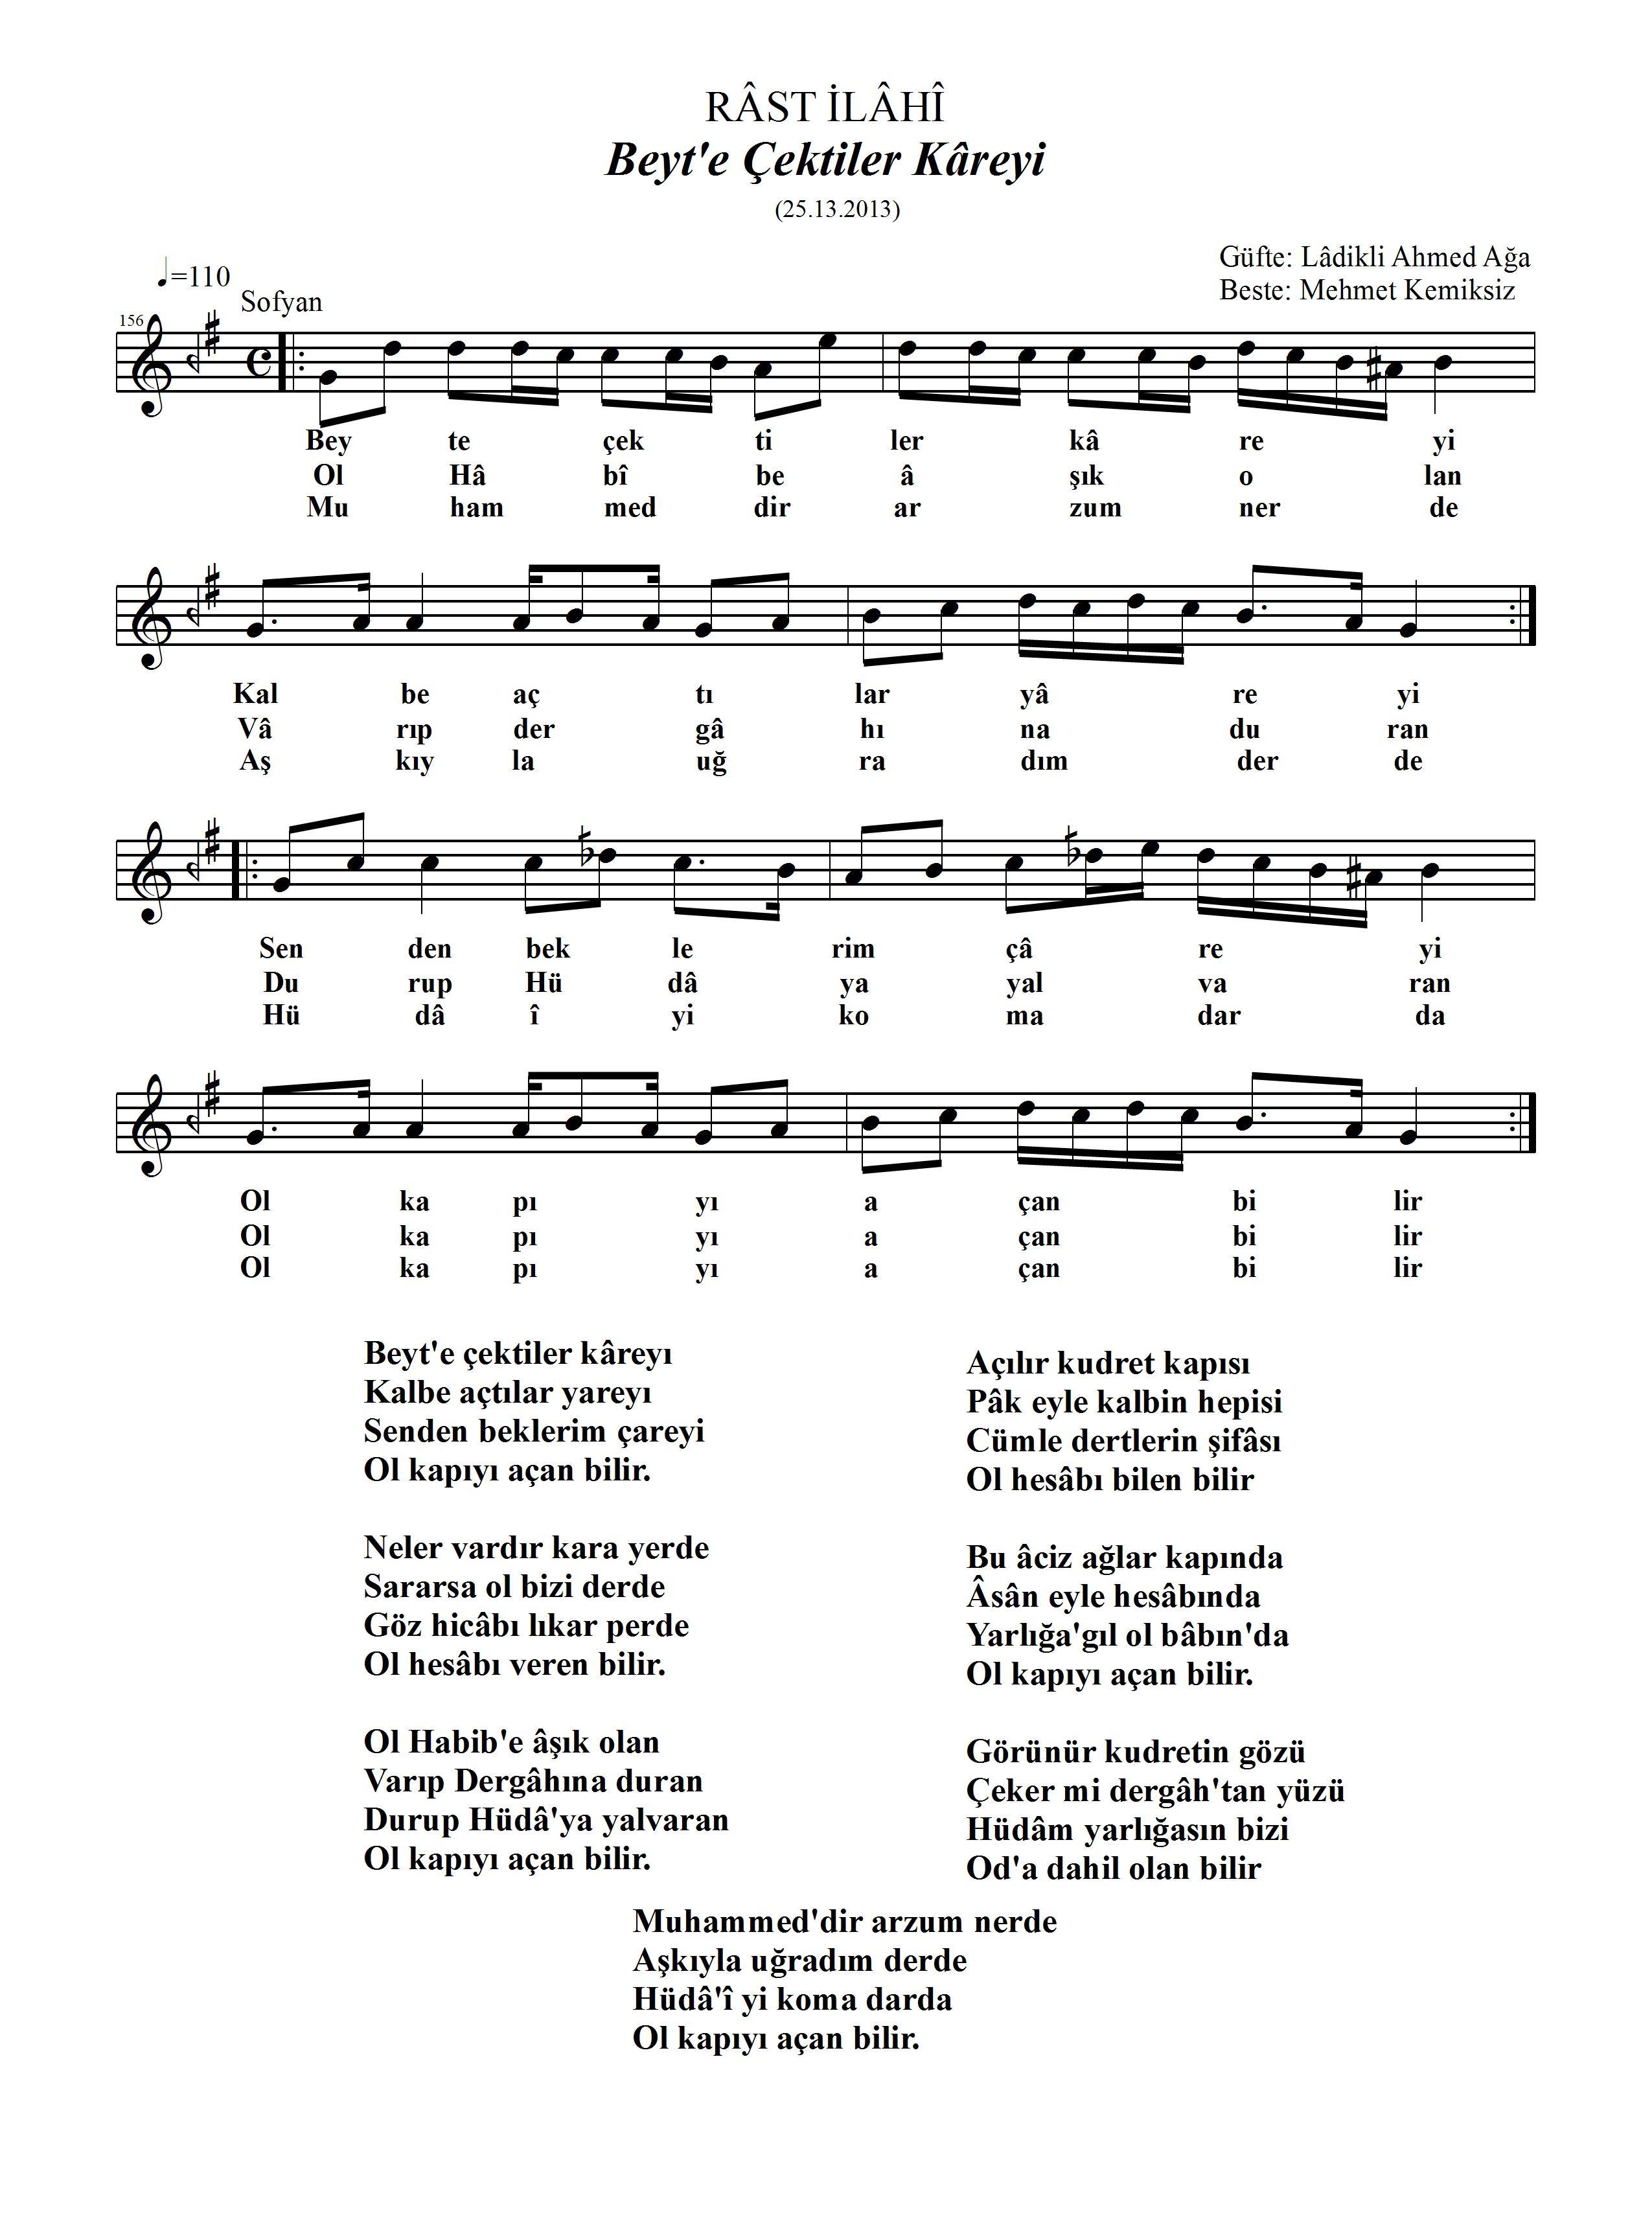 156-Rast-BeyteCektiler